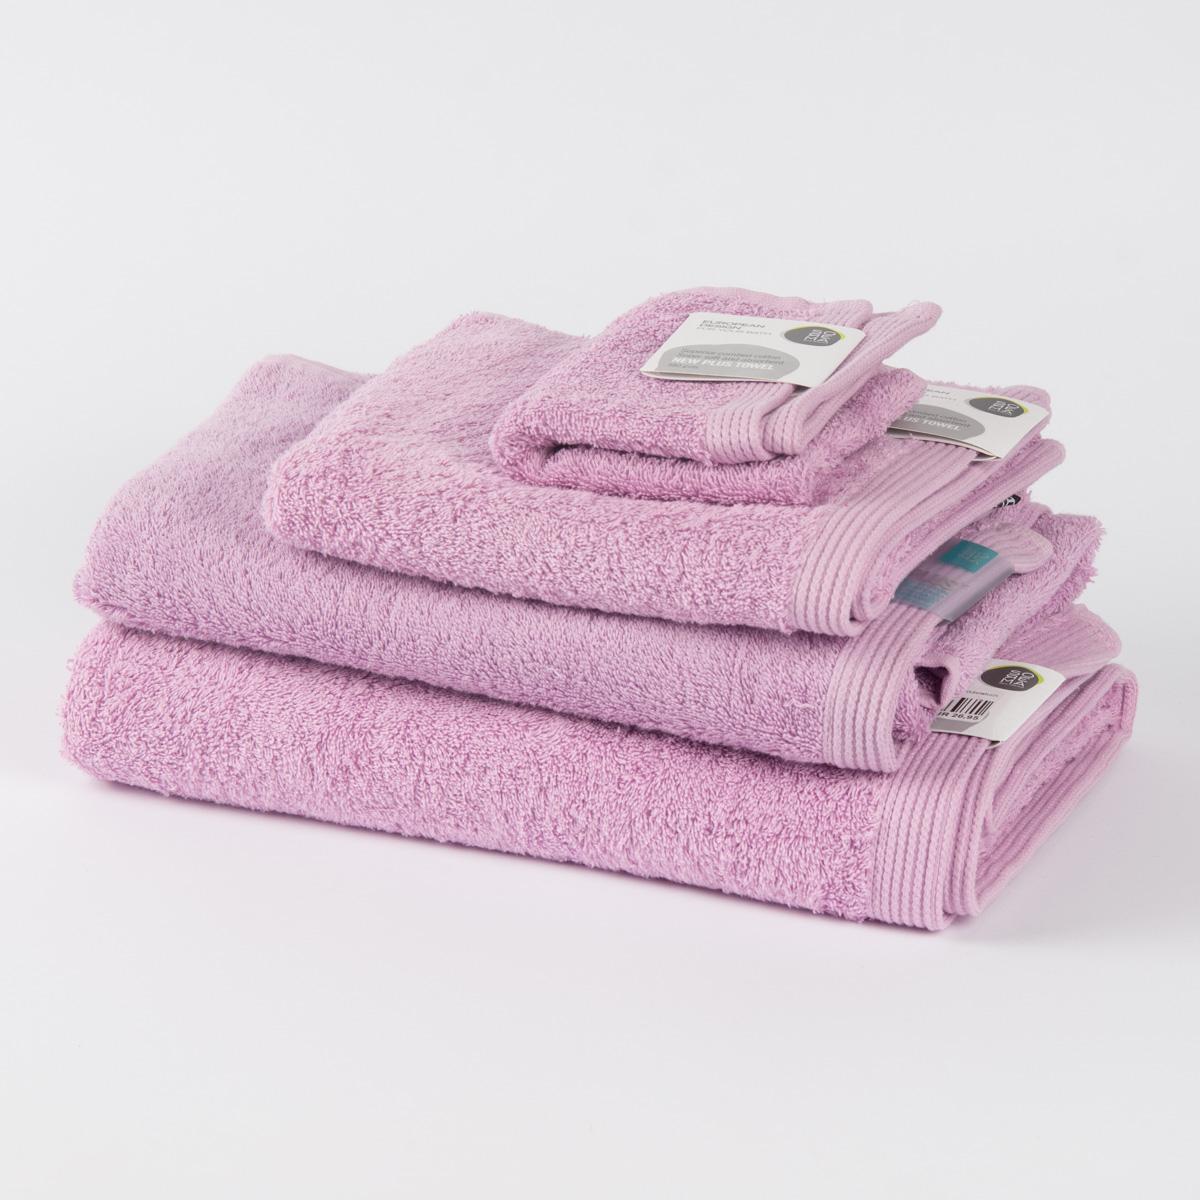 Frottee Handtuch Duschtuch Gästetuch Rosa Fuckingcoolstuffde